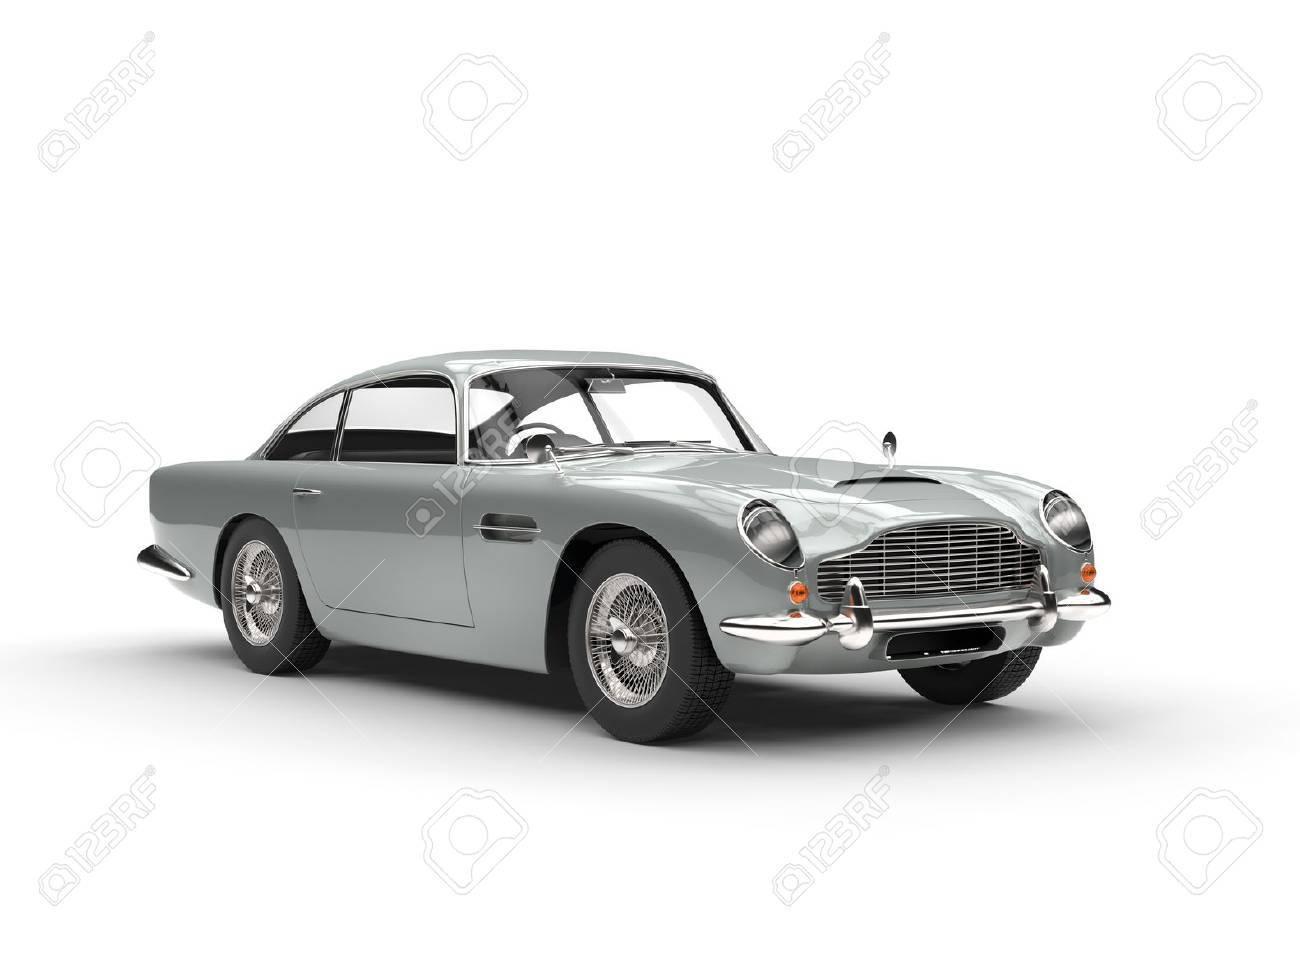 Classic vintage car - 54729571